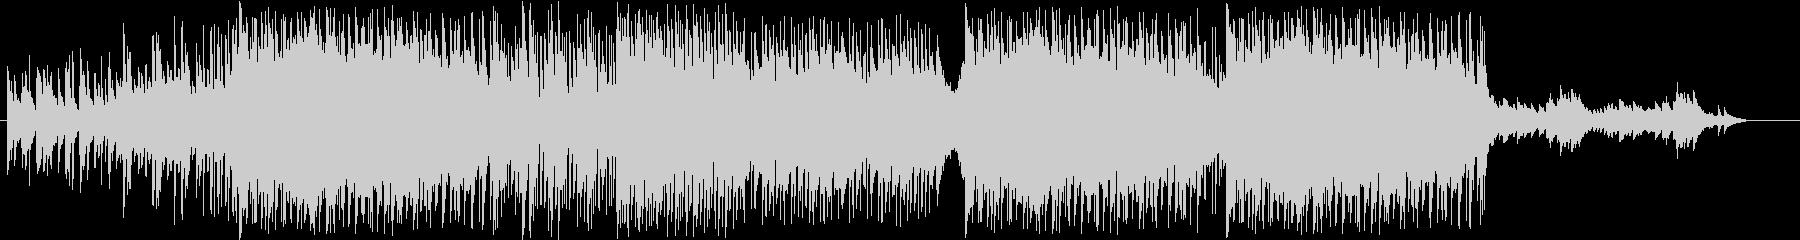 定番の結婚式SONG ベルのメロディーの未再生の波形